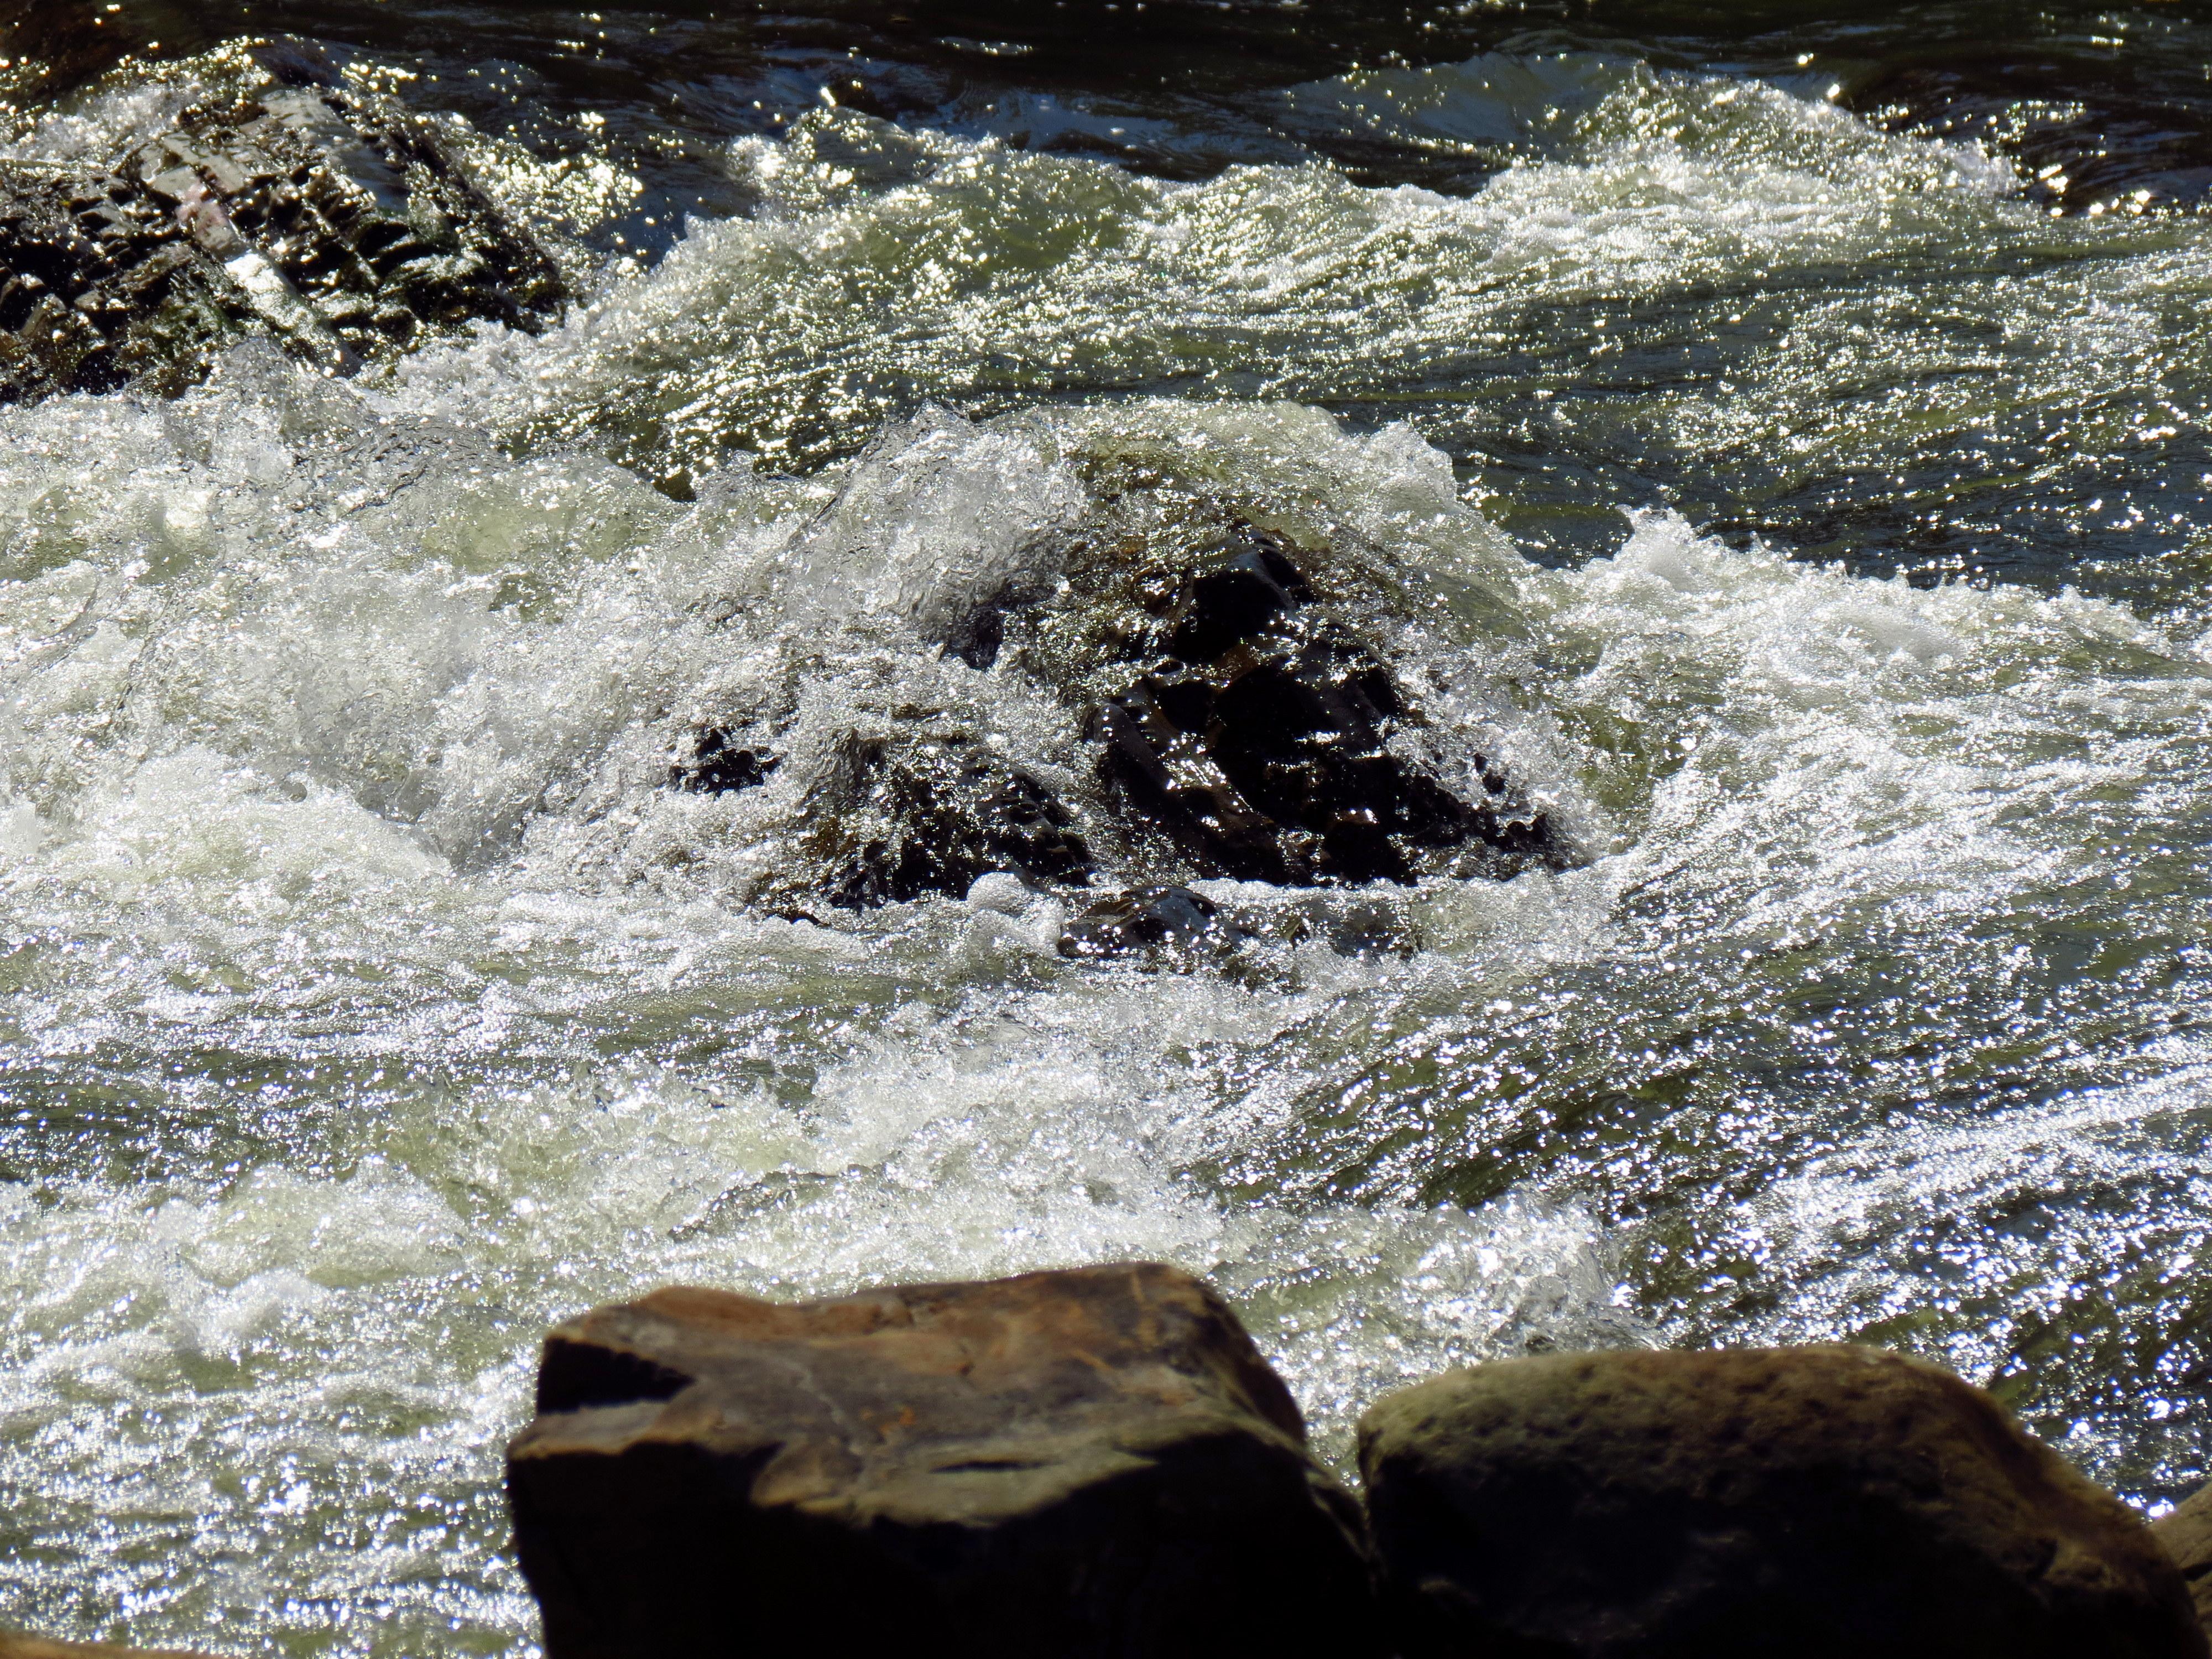 20870 скачать обои Пейзаж, Река, Камни - заставки и картинки бесплатно